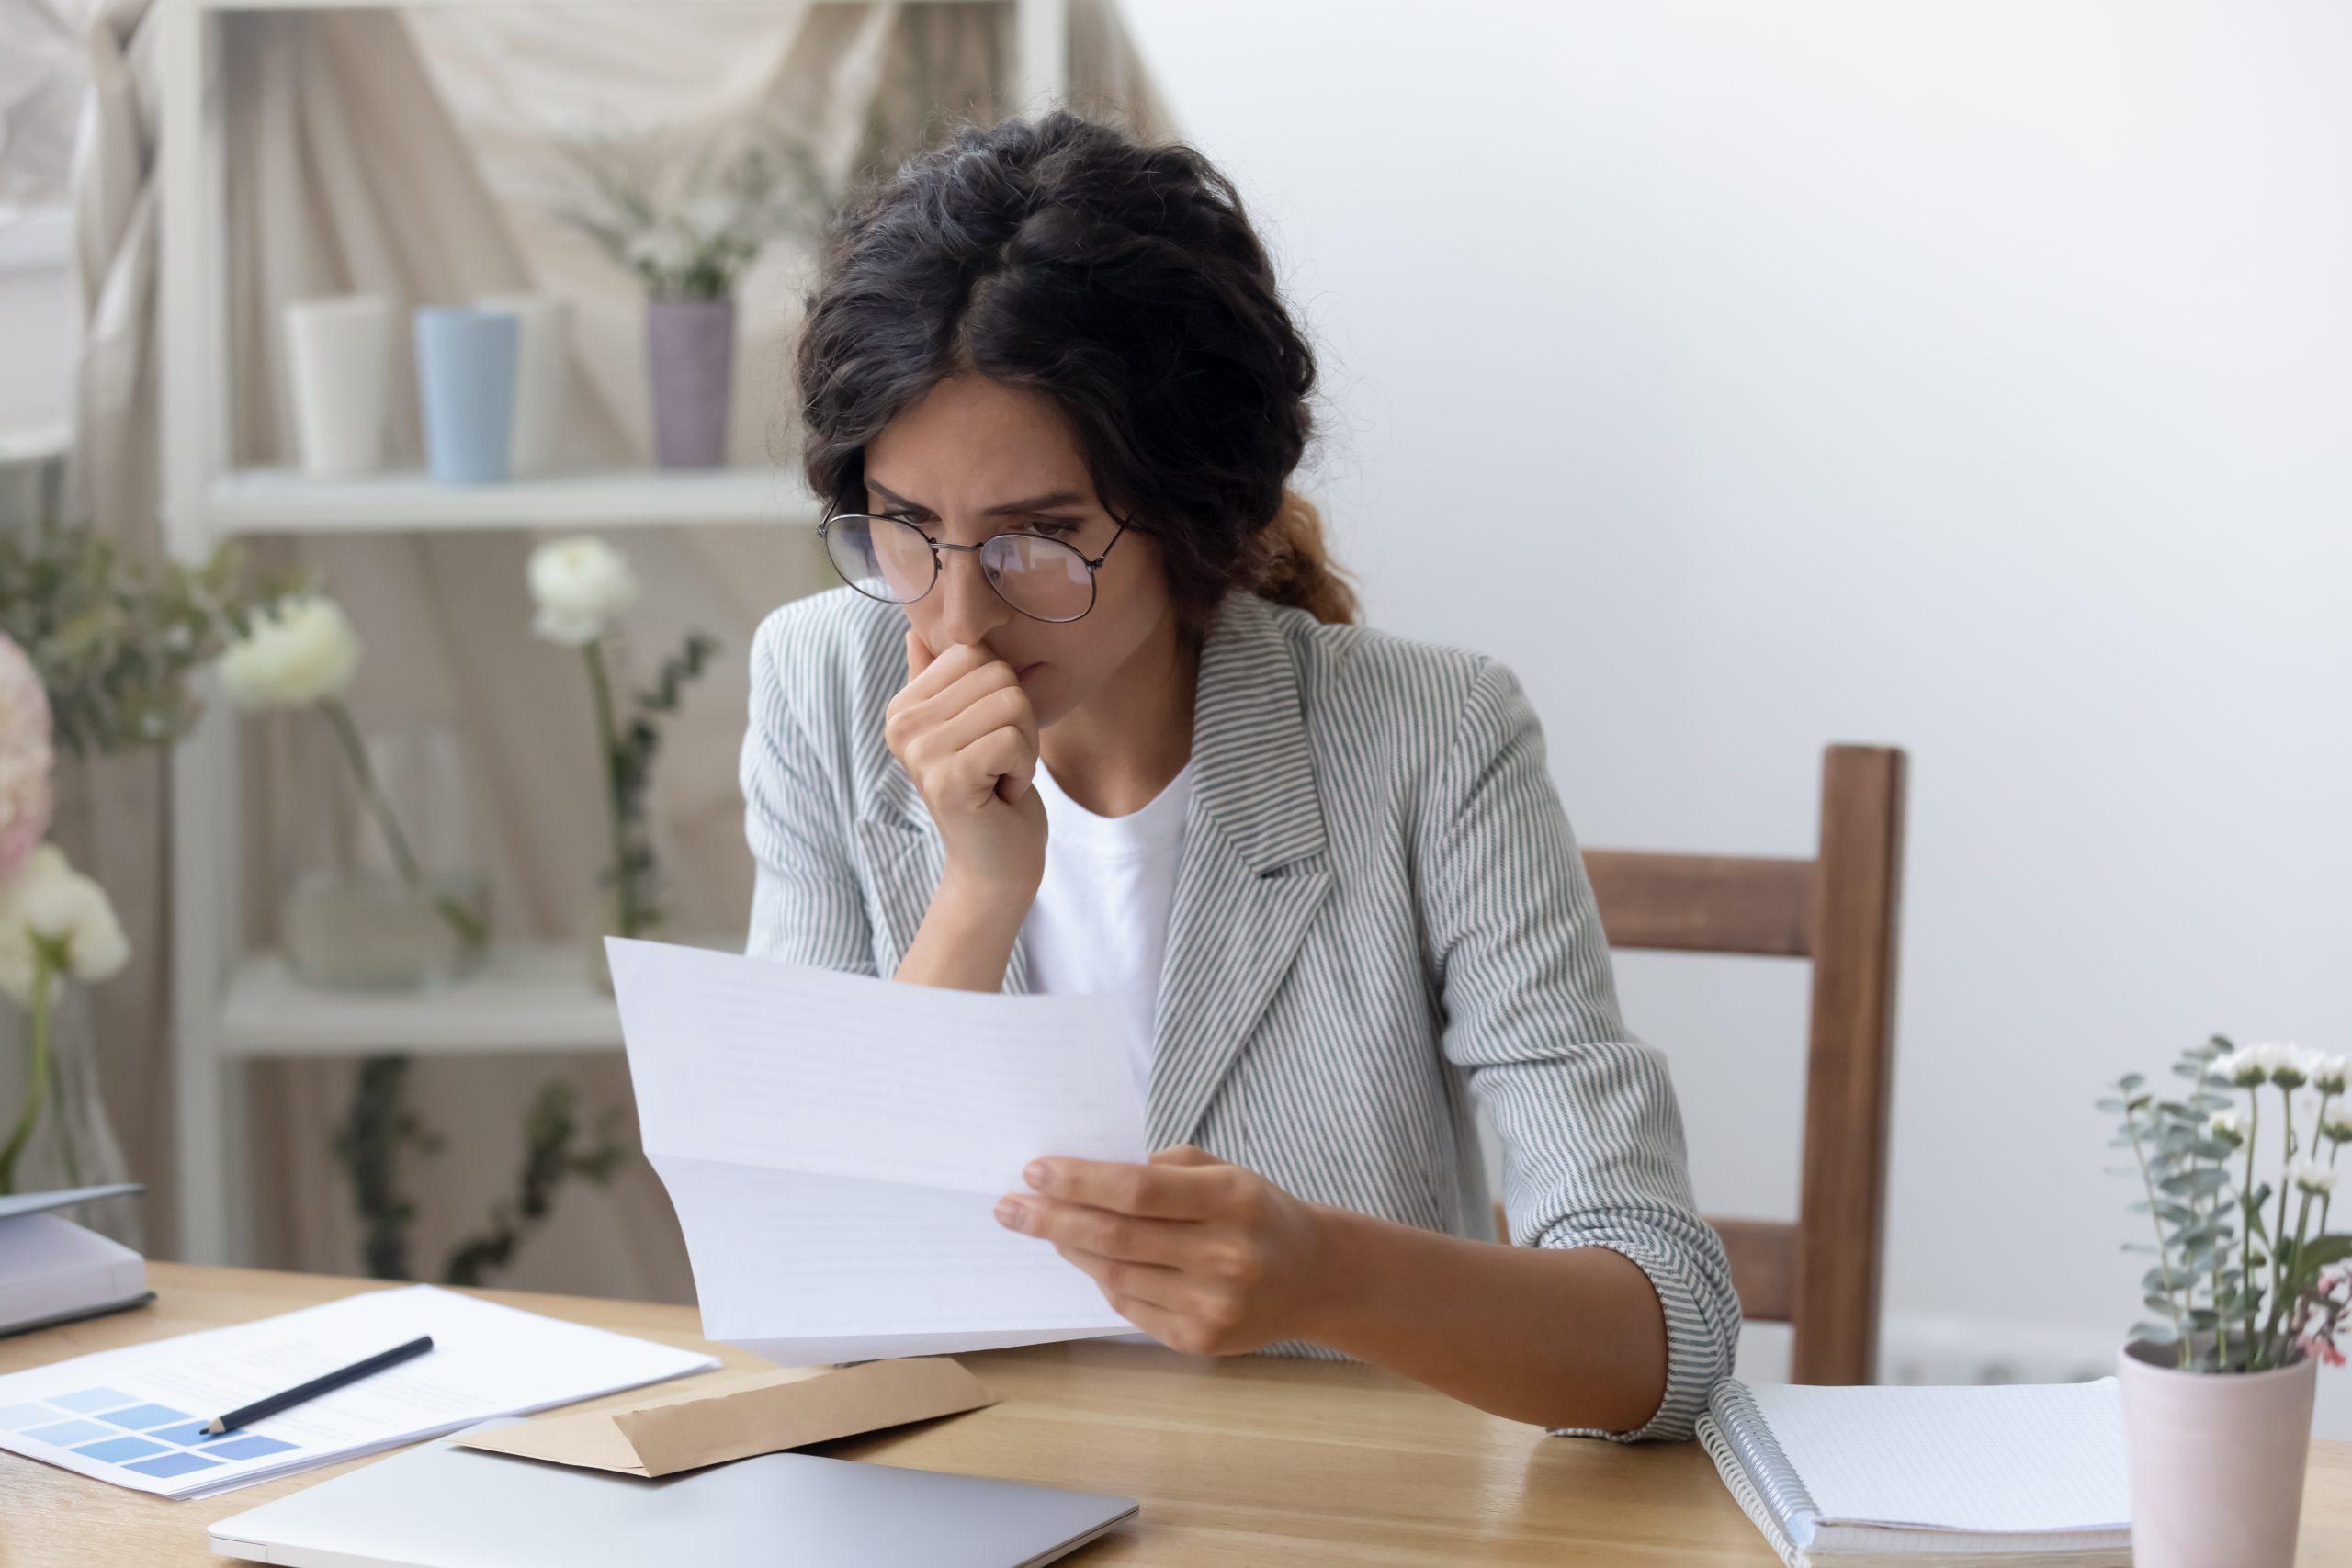 Aviso de incumplimiento o apelación: cartas de 90 y 30 días del IRS